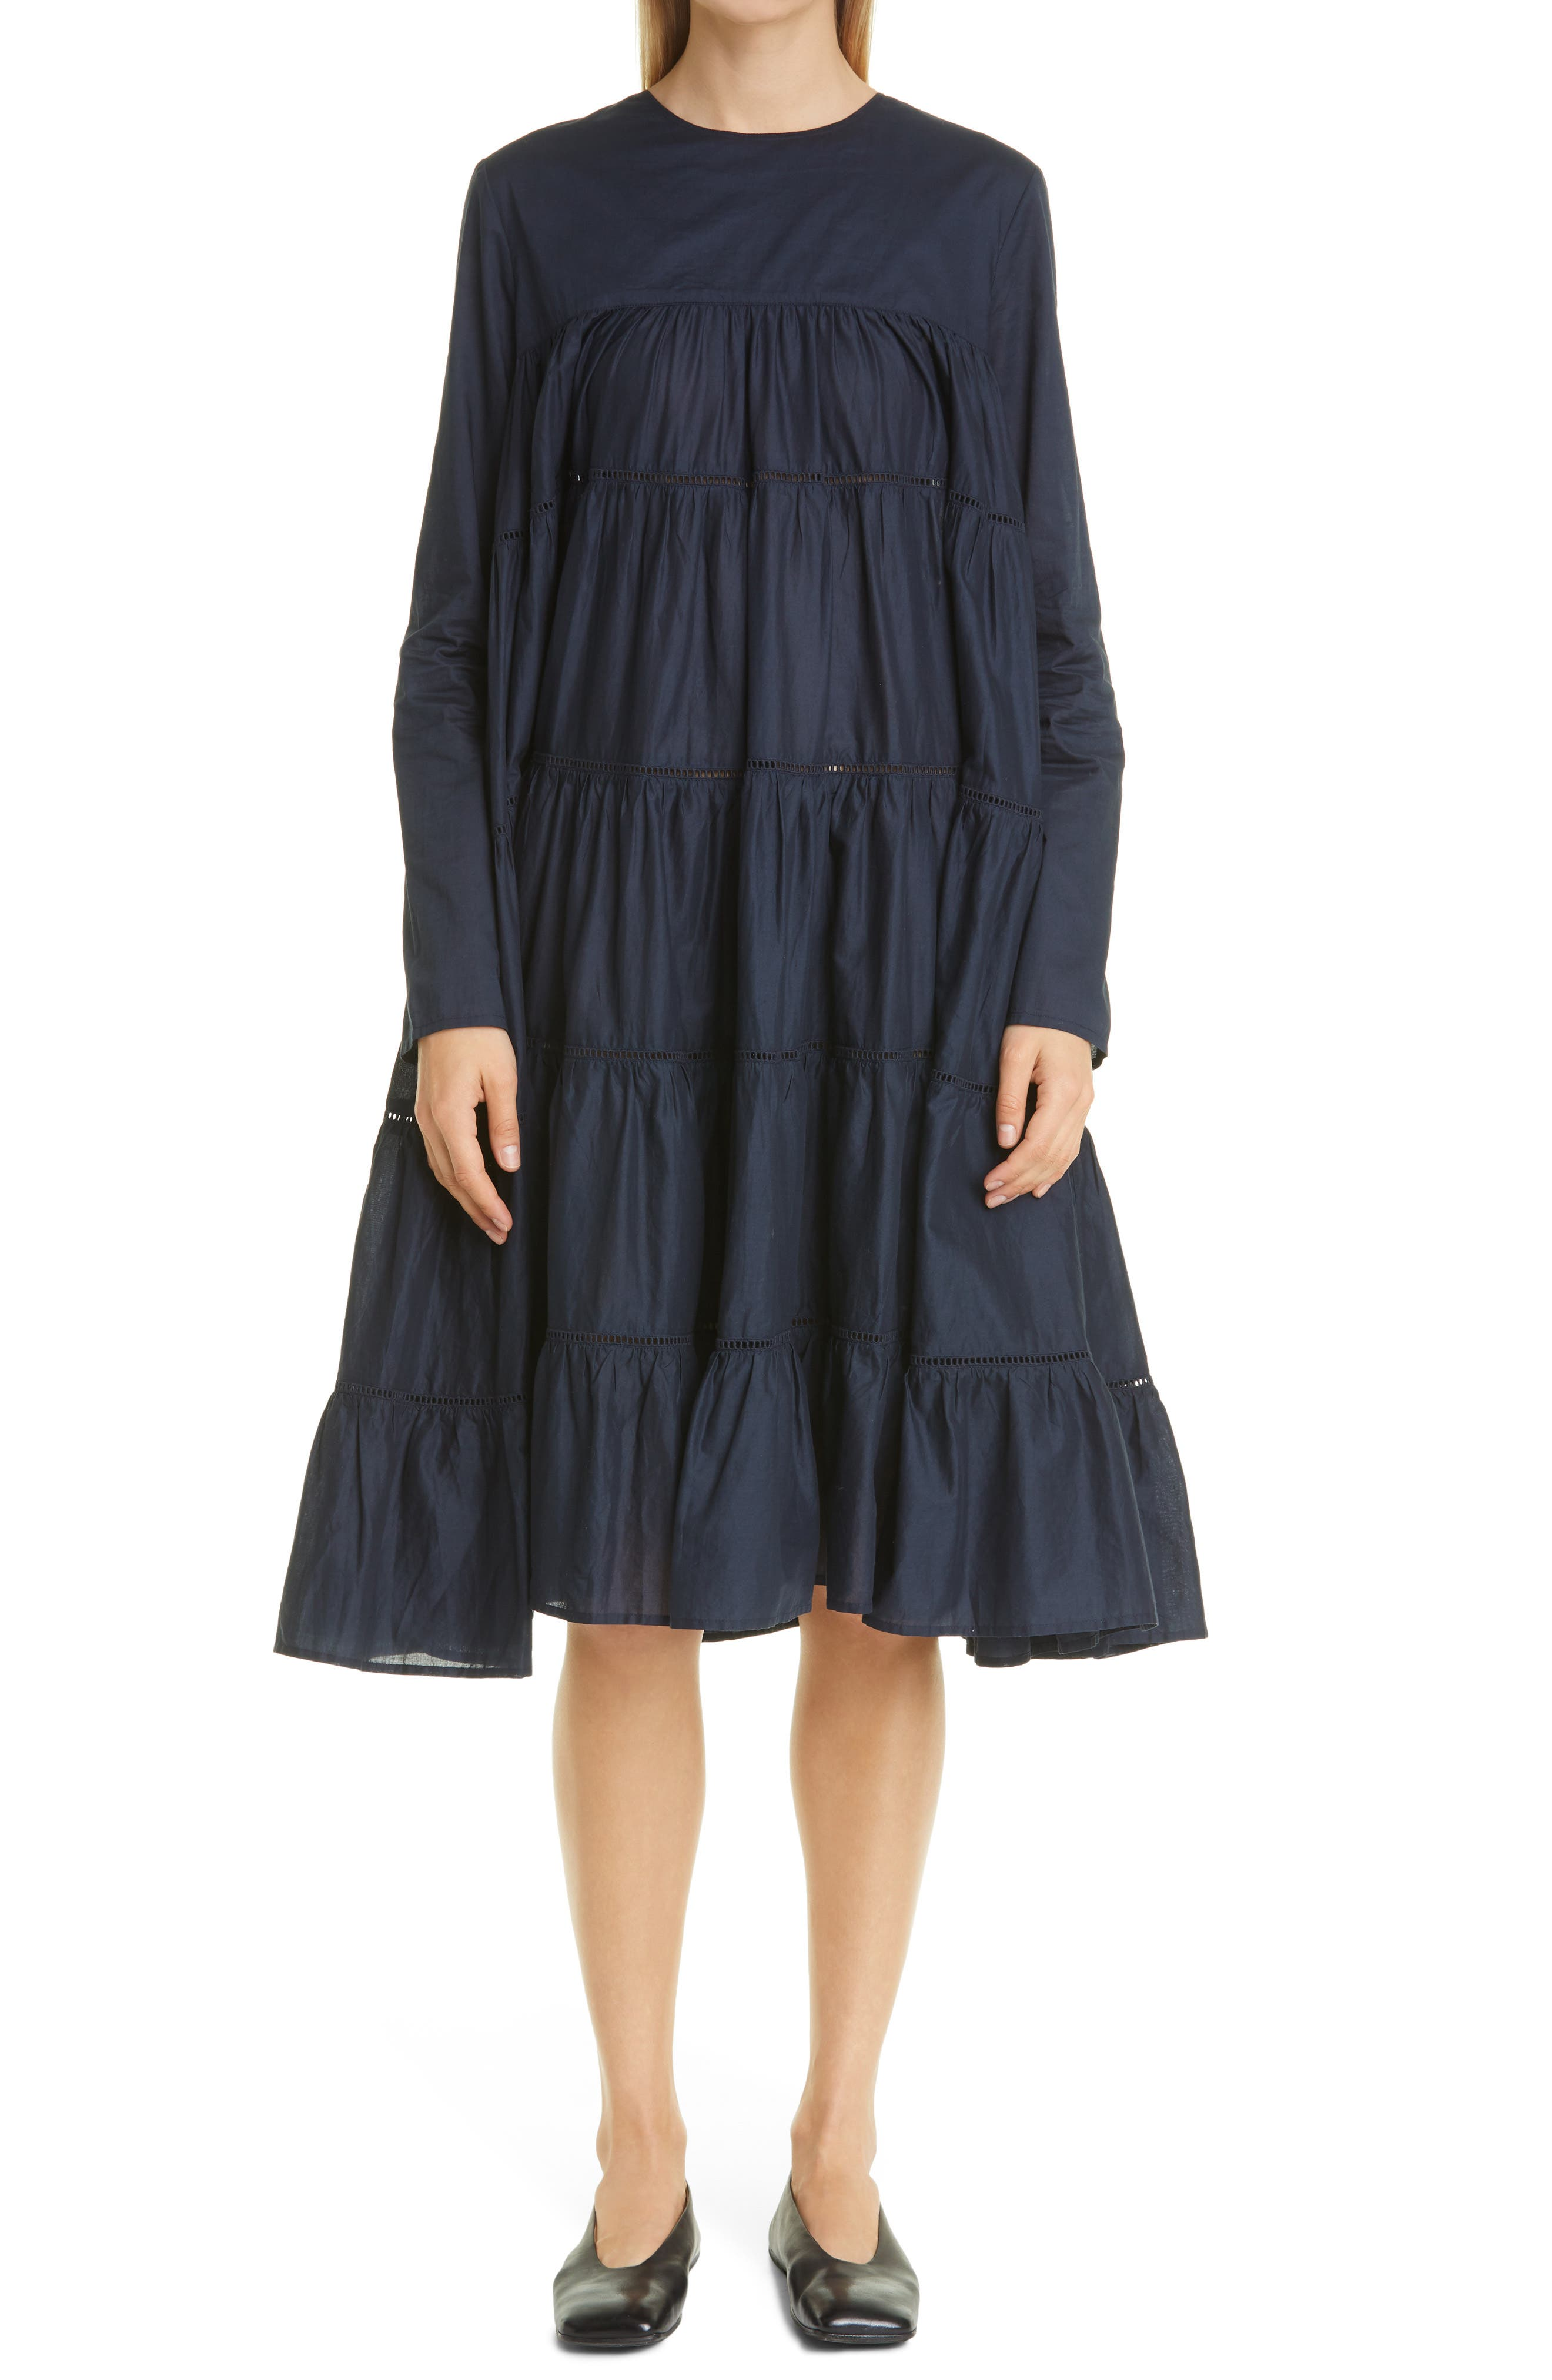 Essaouira Tiered Long Sleeve Dress